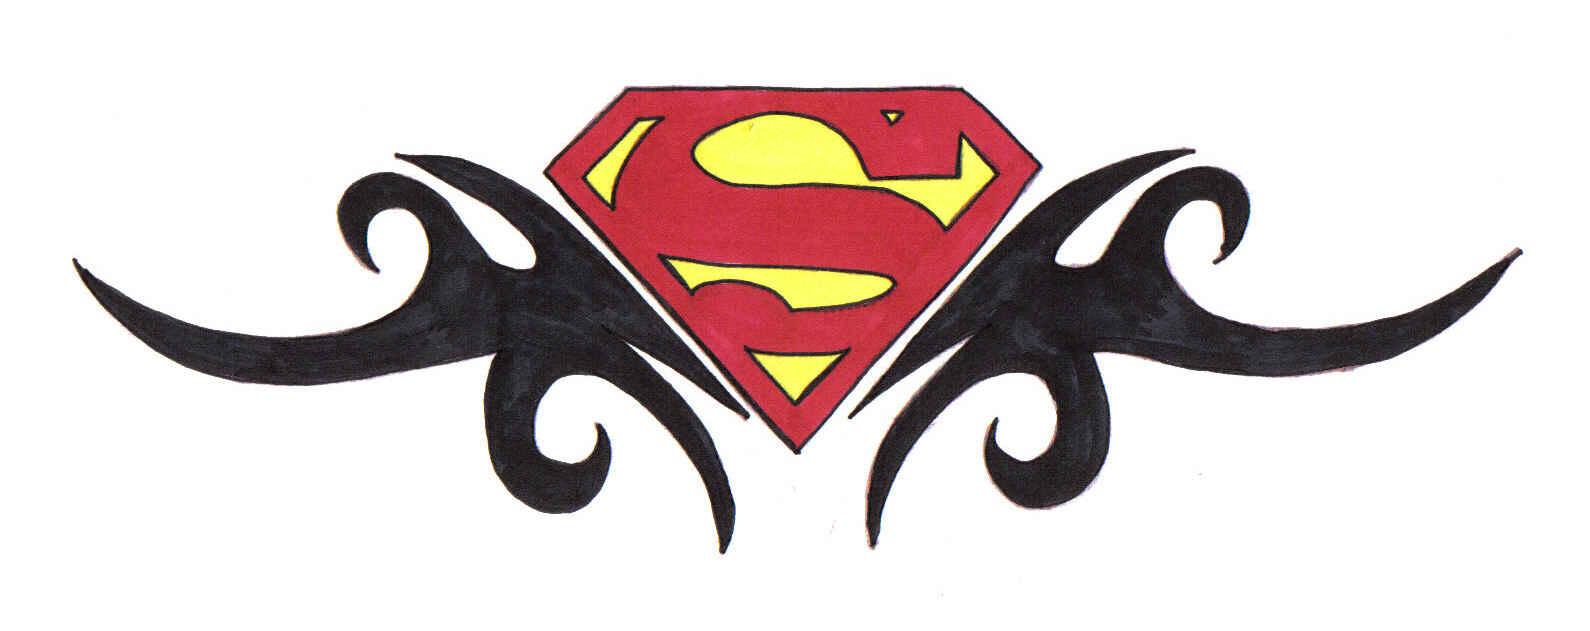 colorful wonder women and superman logo tattoo on finger. Black Bedroom Furniture Sets. Home Design Ideas